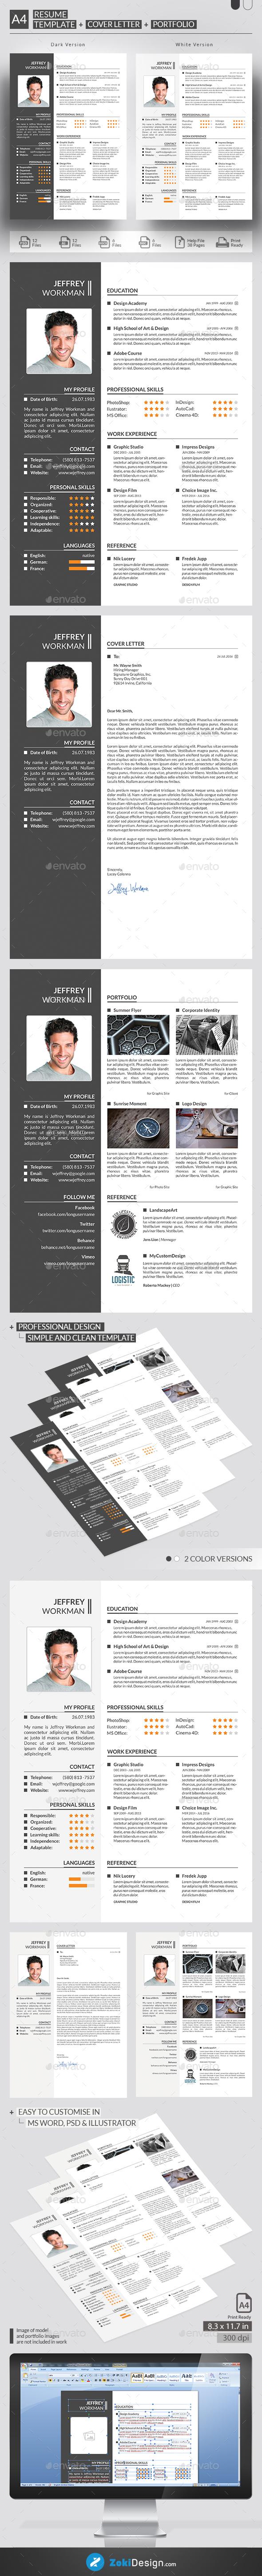 Resume | Pinterest | Modelos de cv, Currículum y Conocimiento